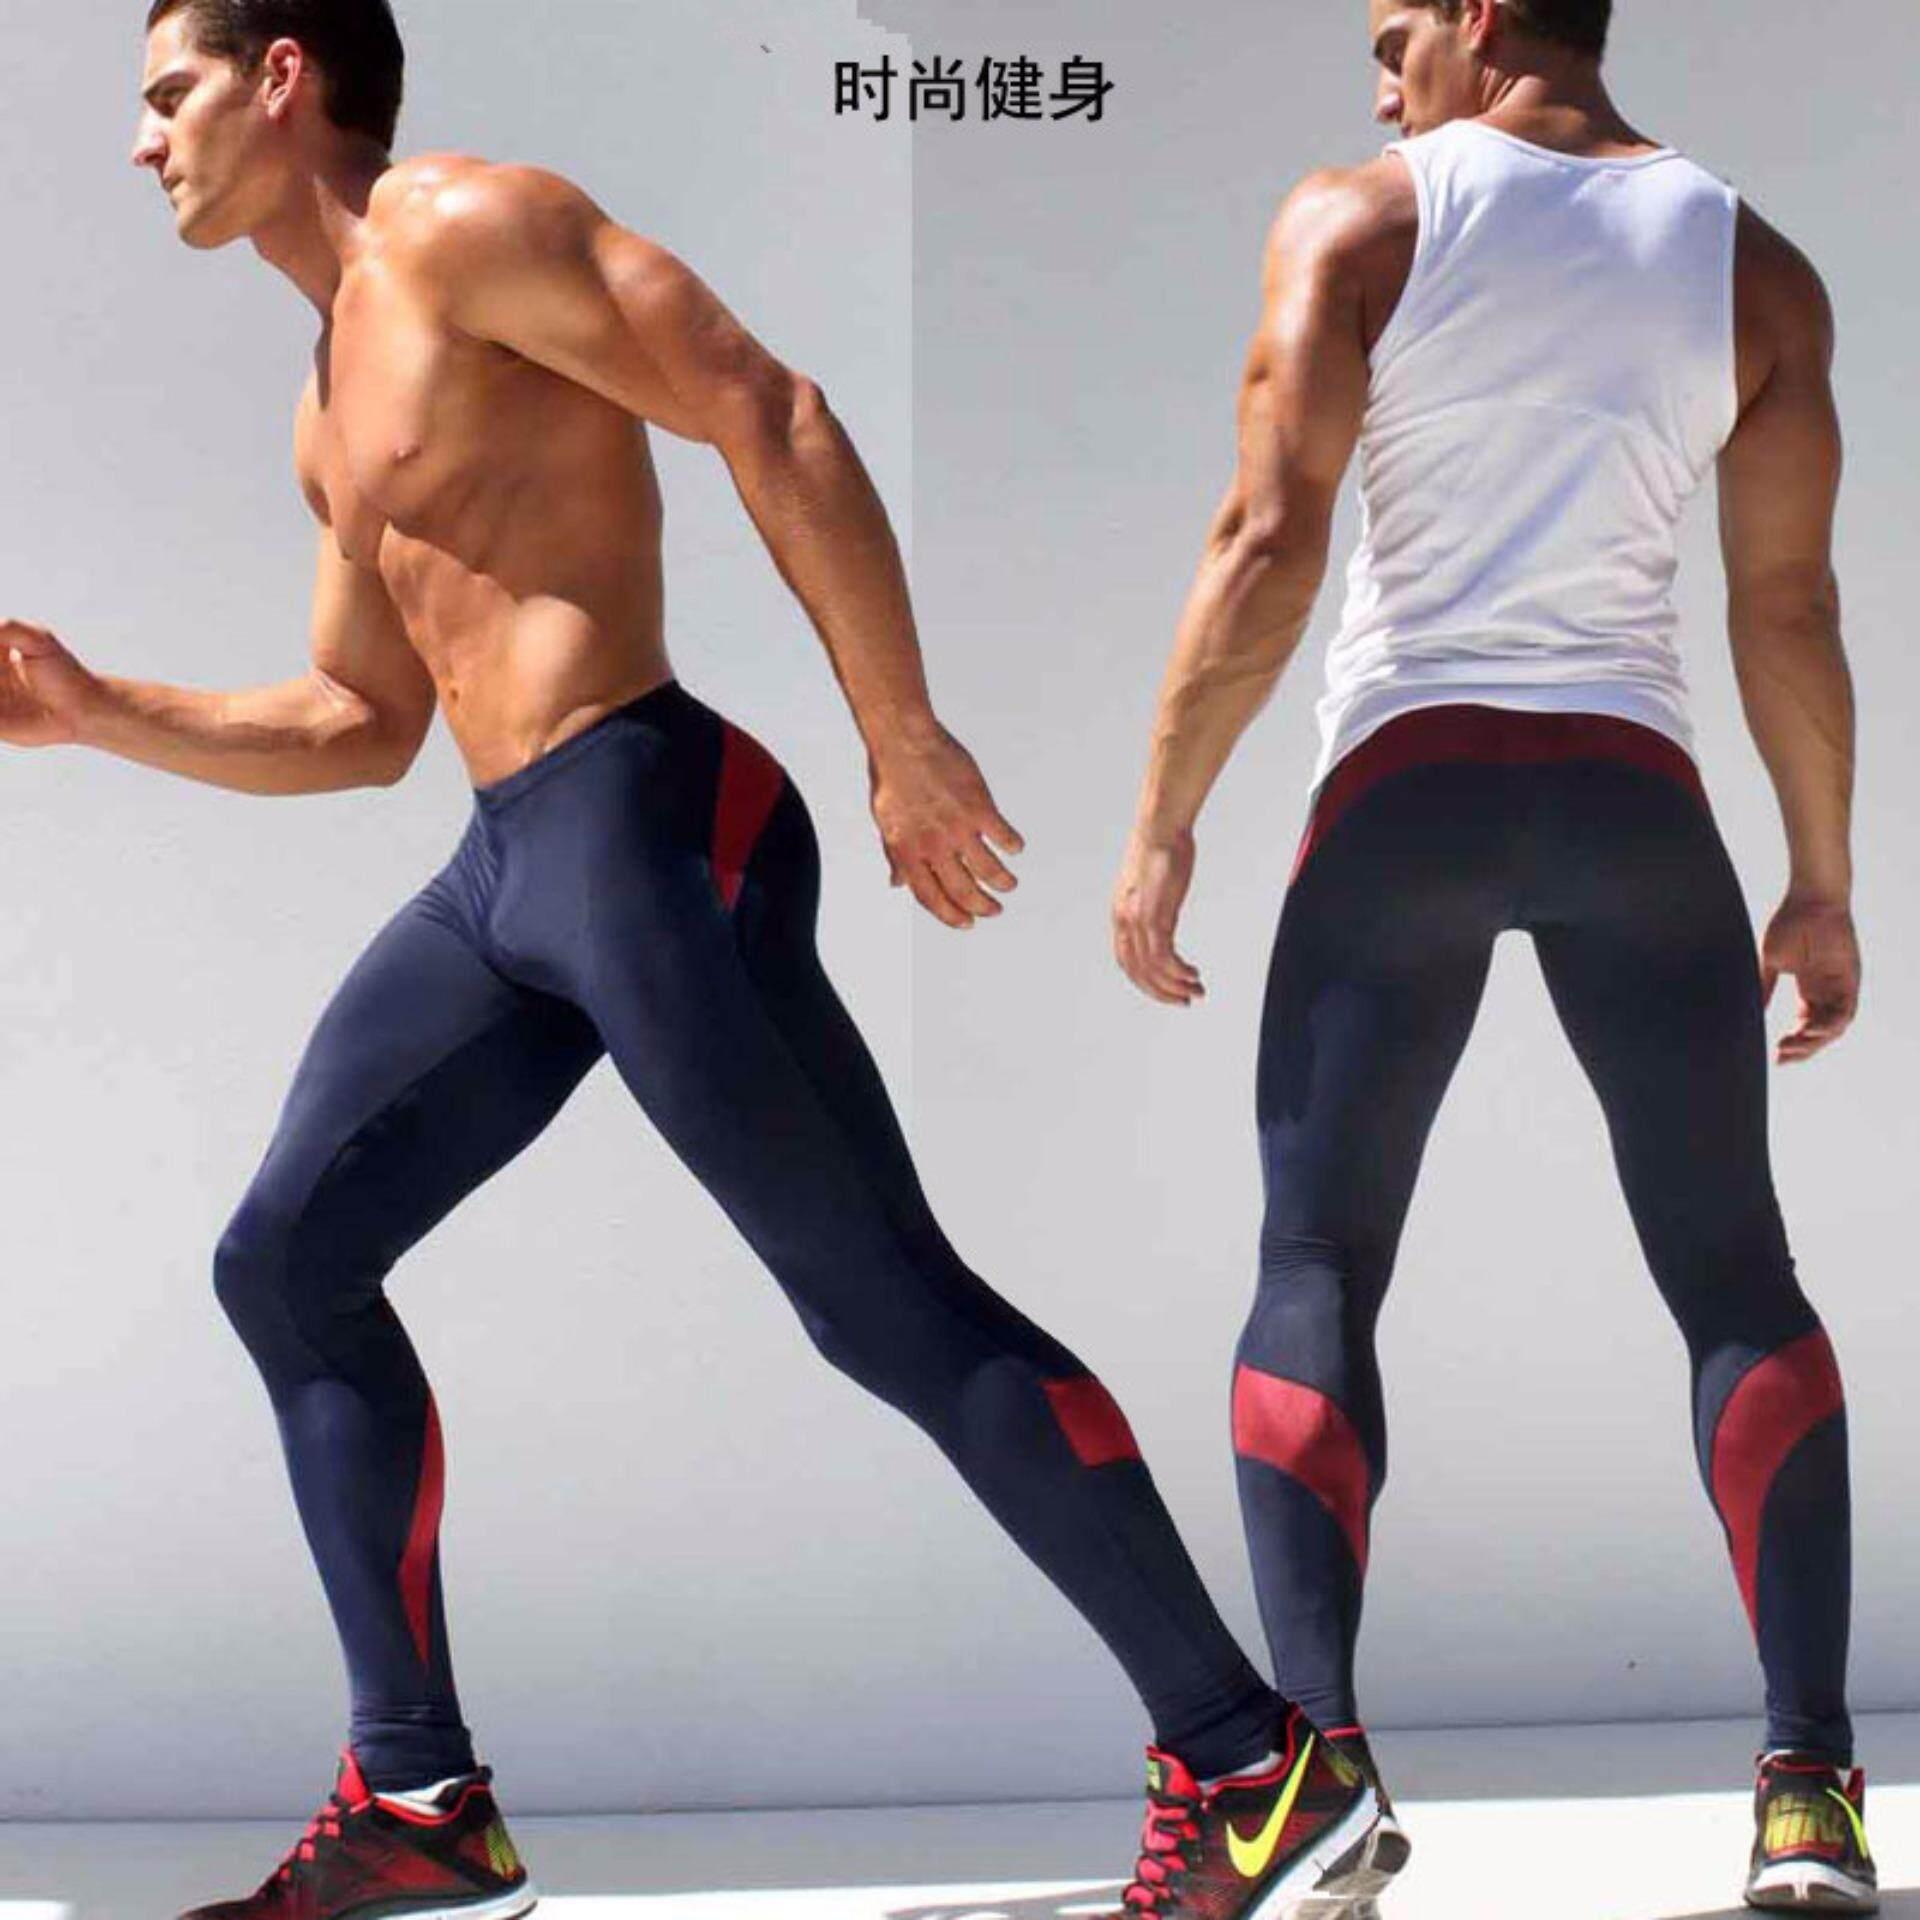 ราคา ผู้ชายกางเกง 2017 ใหม่การบีบอัดกางเกงยี่ห้อเสื้อผ้าฐานชั้น Tights ออกกำลังกายขายาวกางเกงกางเกงผู้ชาย นานาชาติ เป็นต้นฉบับ Unbranded Generic